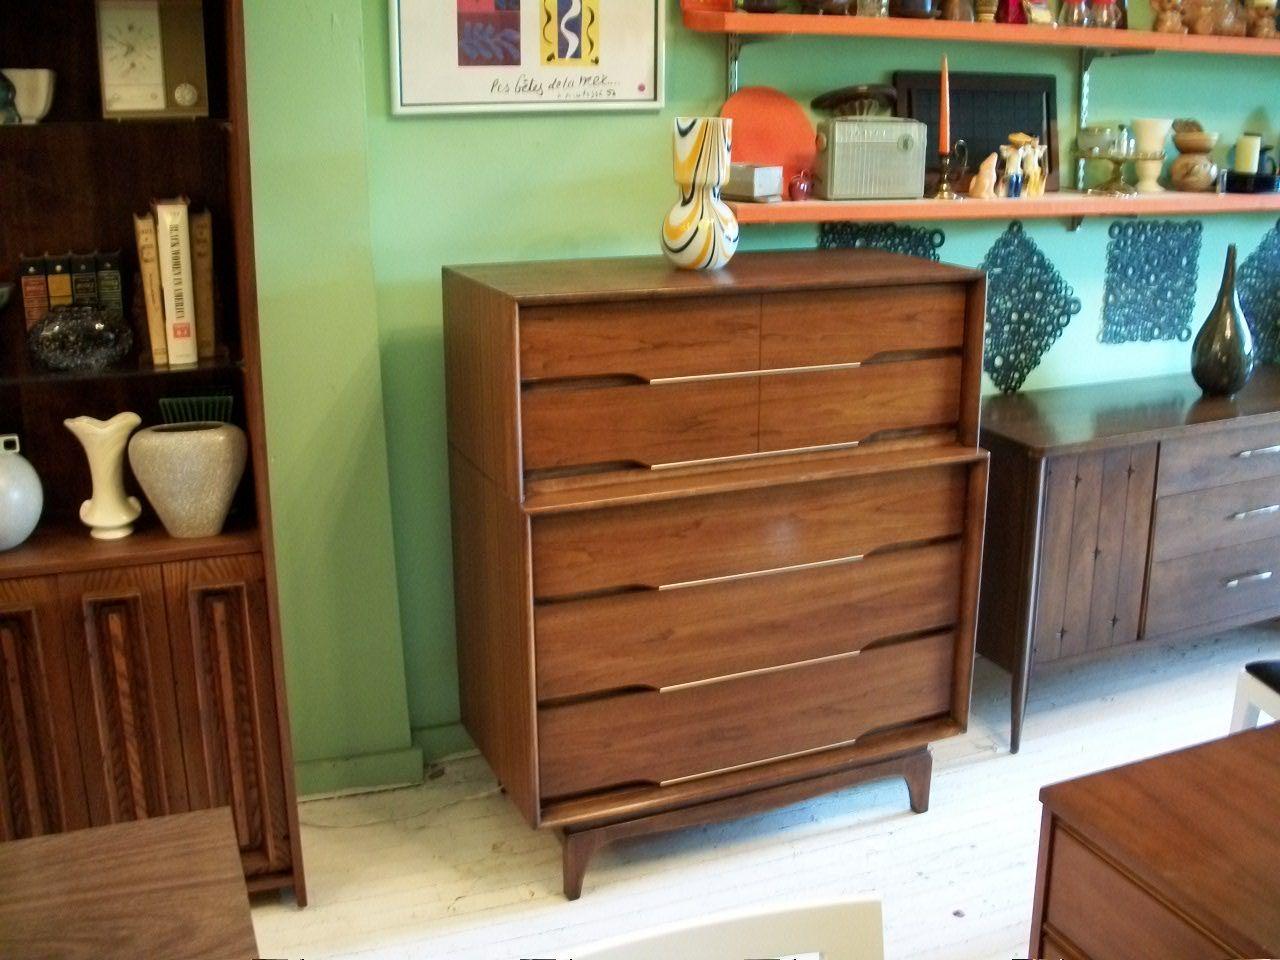 Kent Coffey Forum Highboy Furniture Kent Coffey Pinterest - Furniture forum